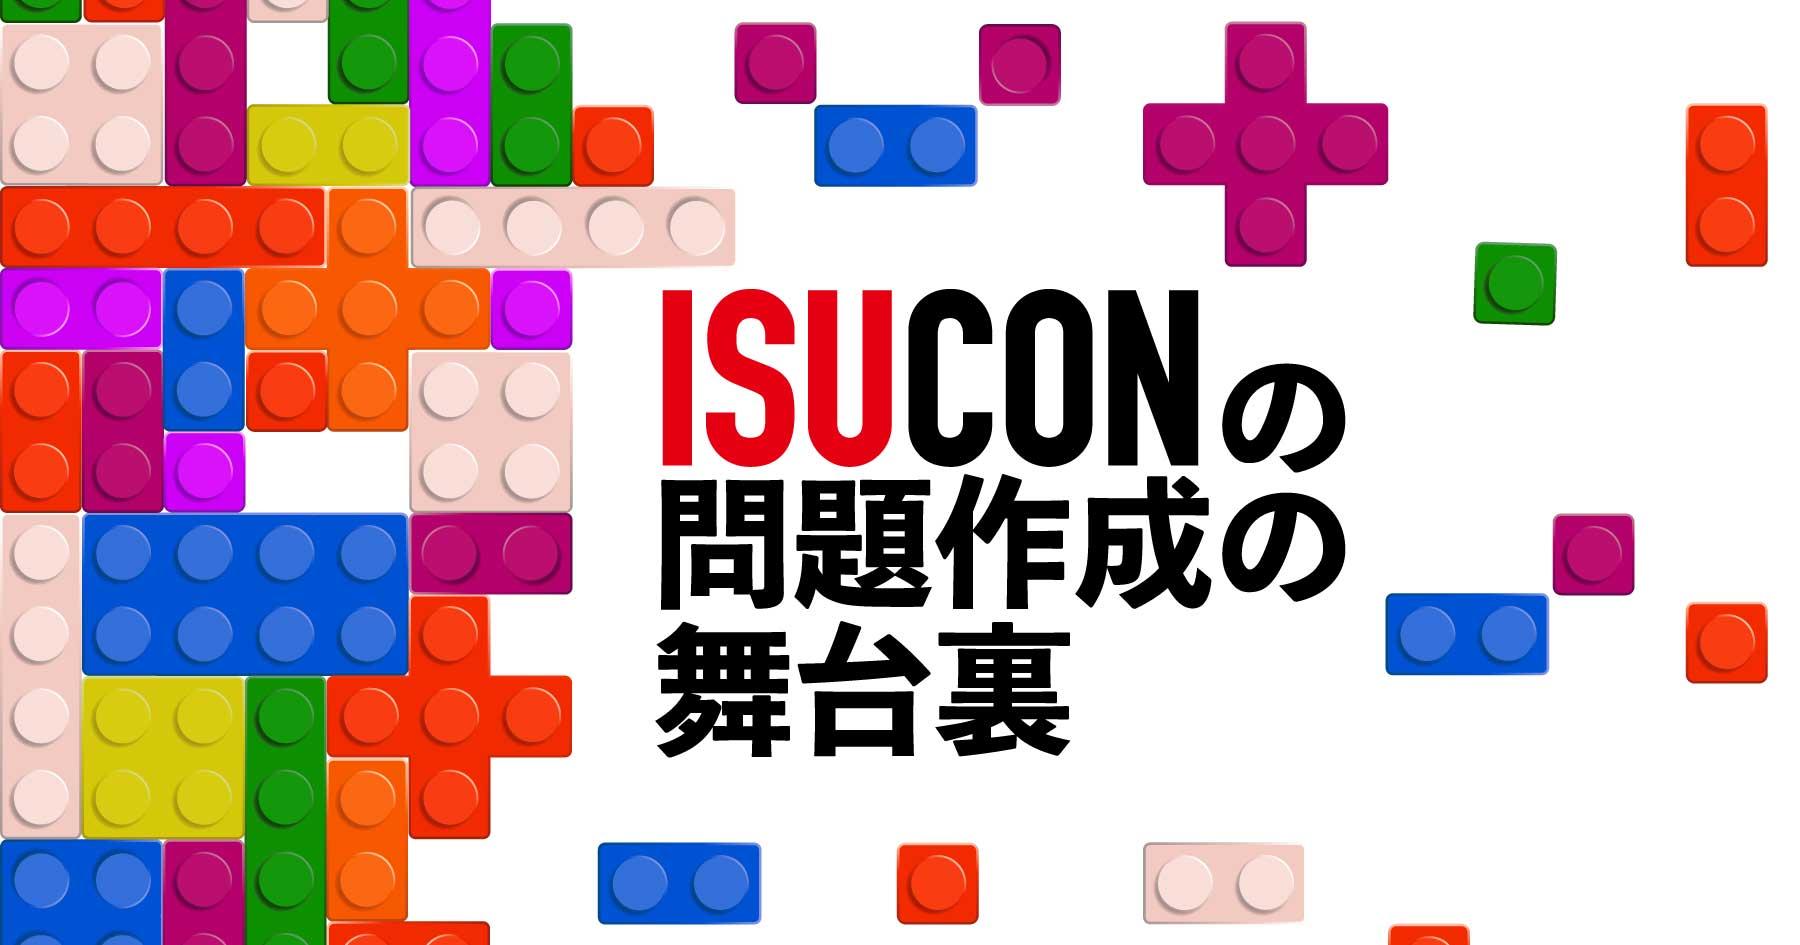 ISUCONの問題作成の裏側メインカット